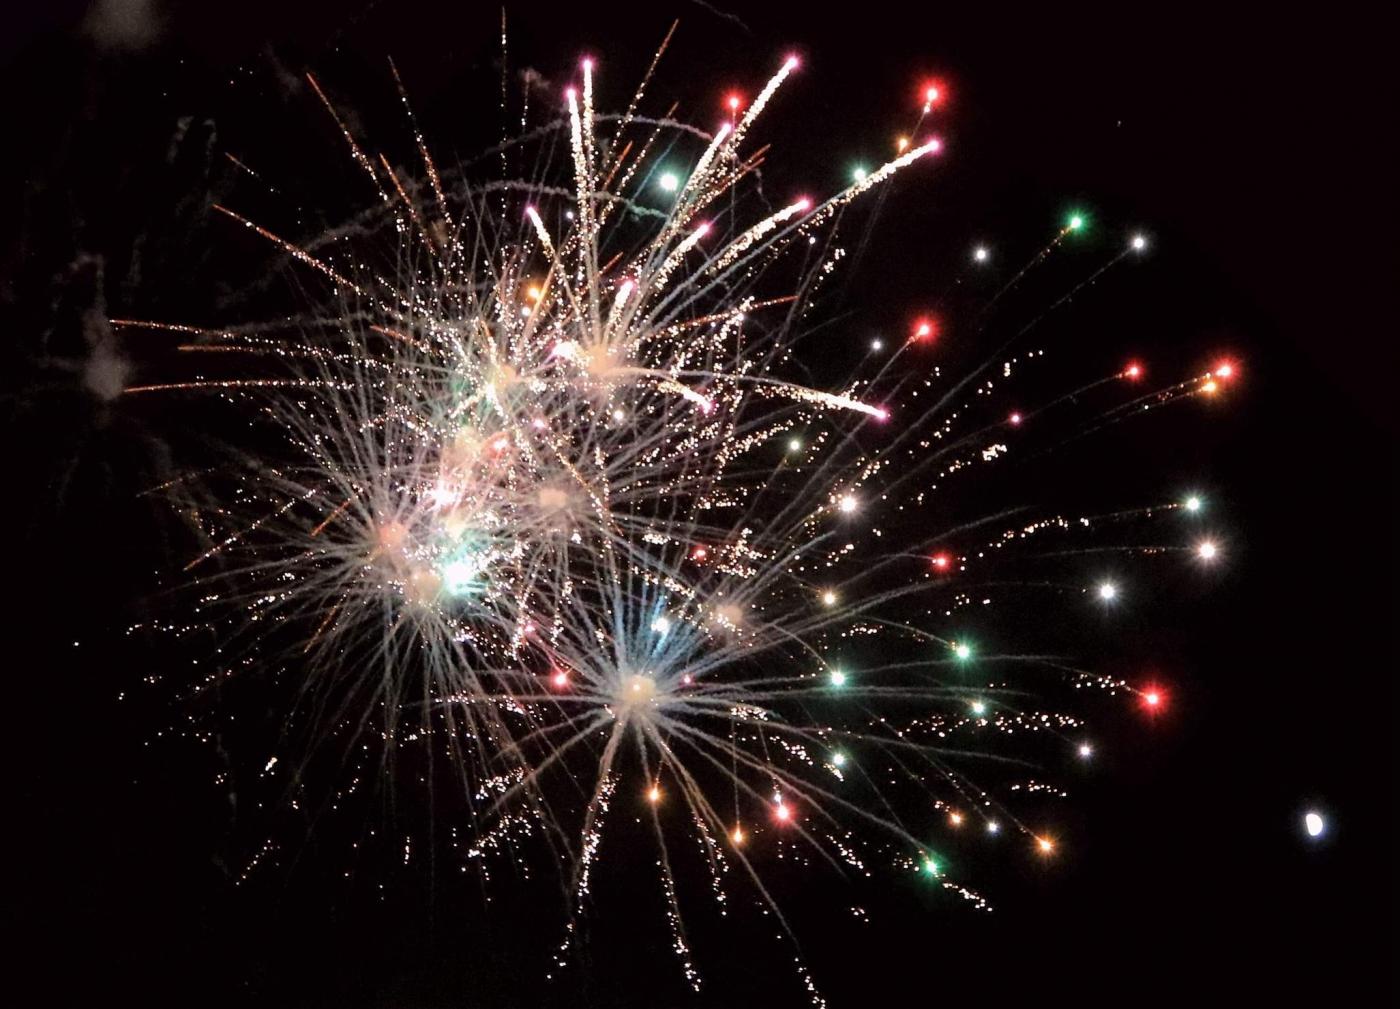 新泽西小镇125岁生日焰火实录_图1-21